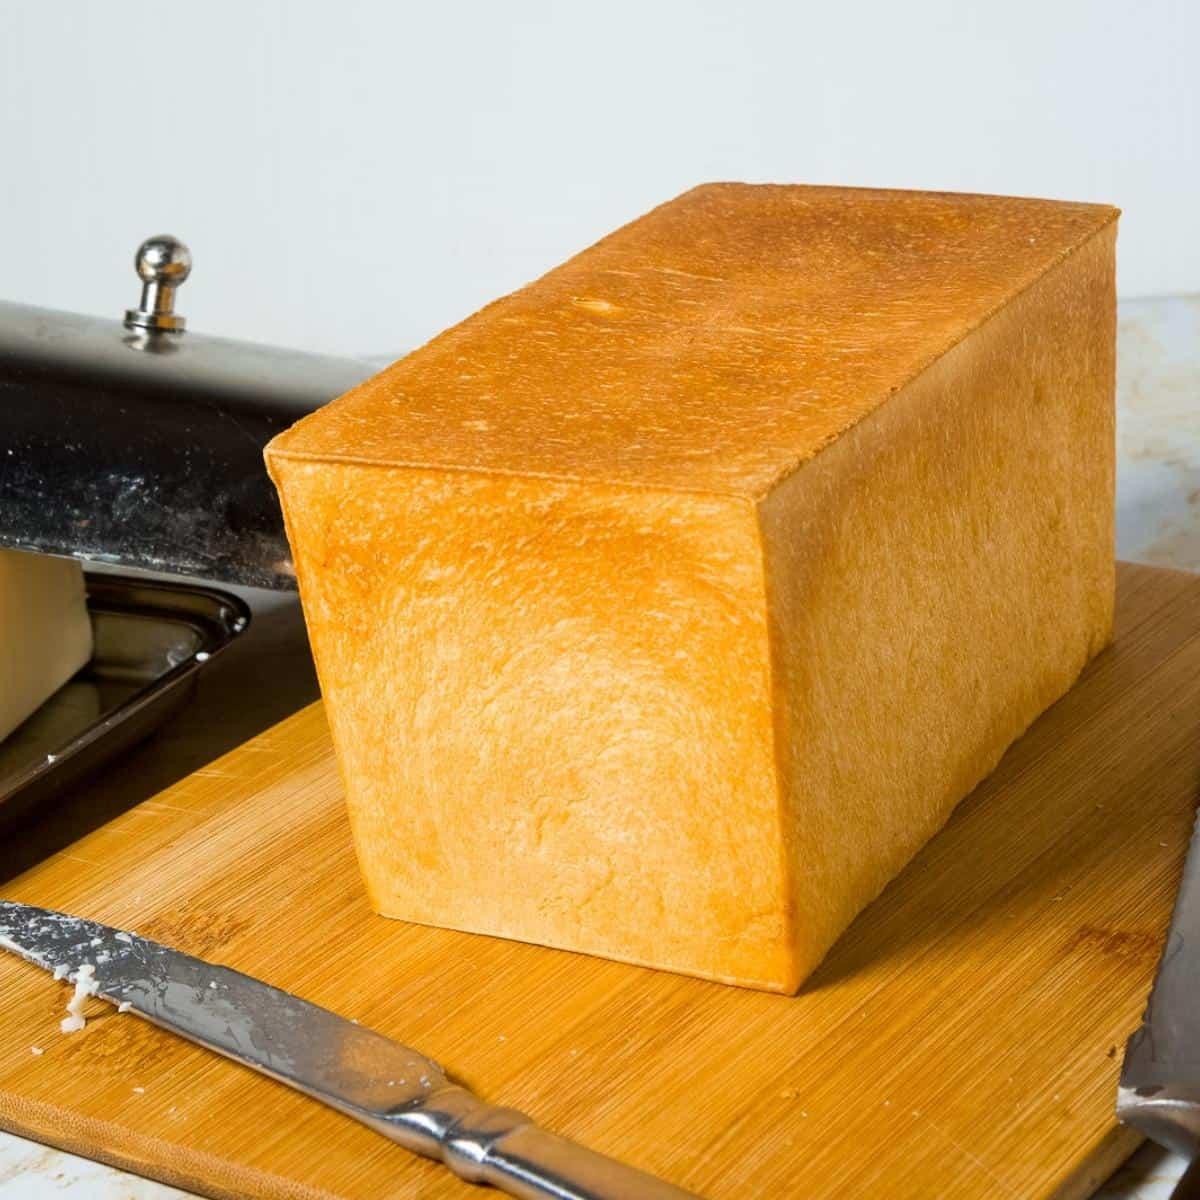 A pullman sandwich bread on a wooden board